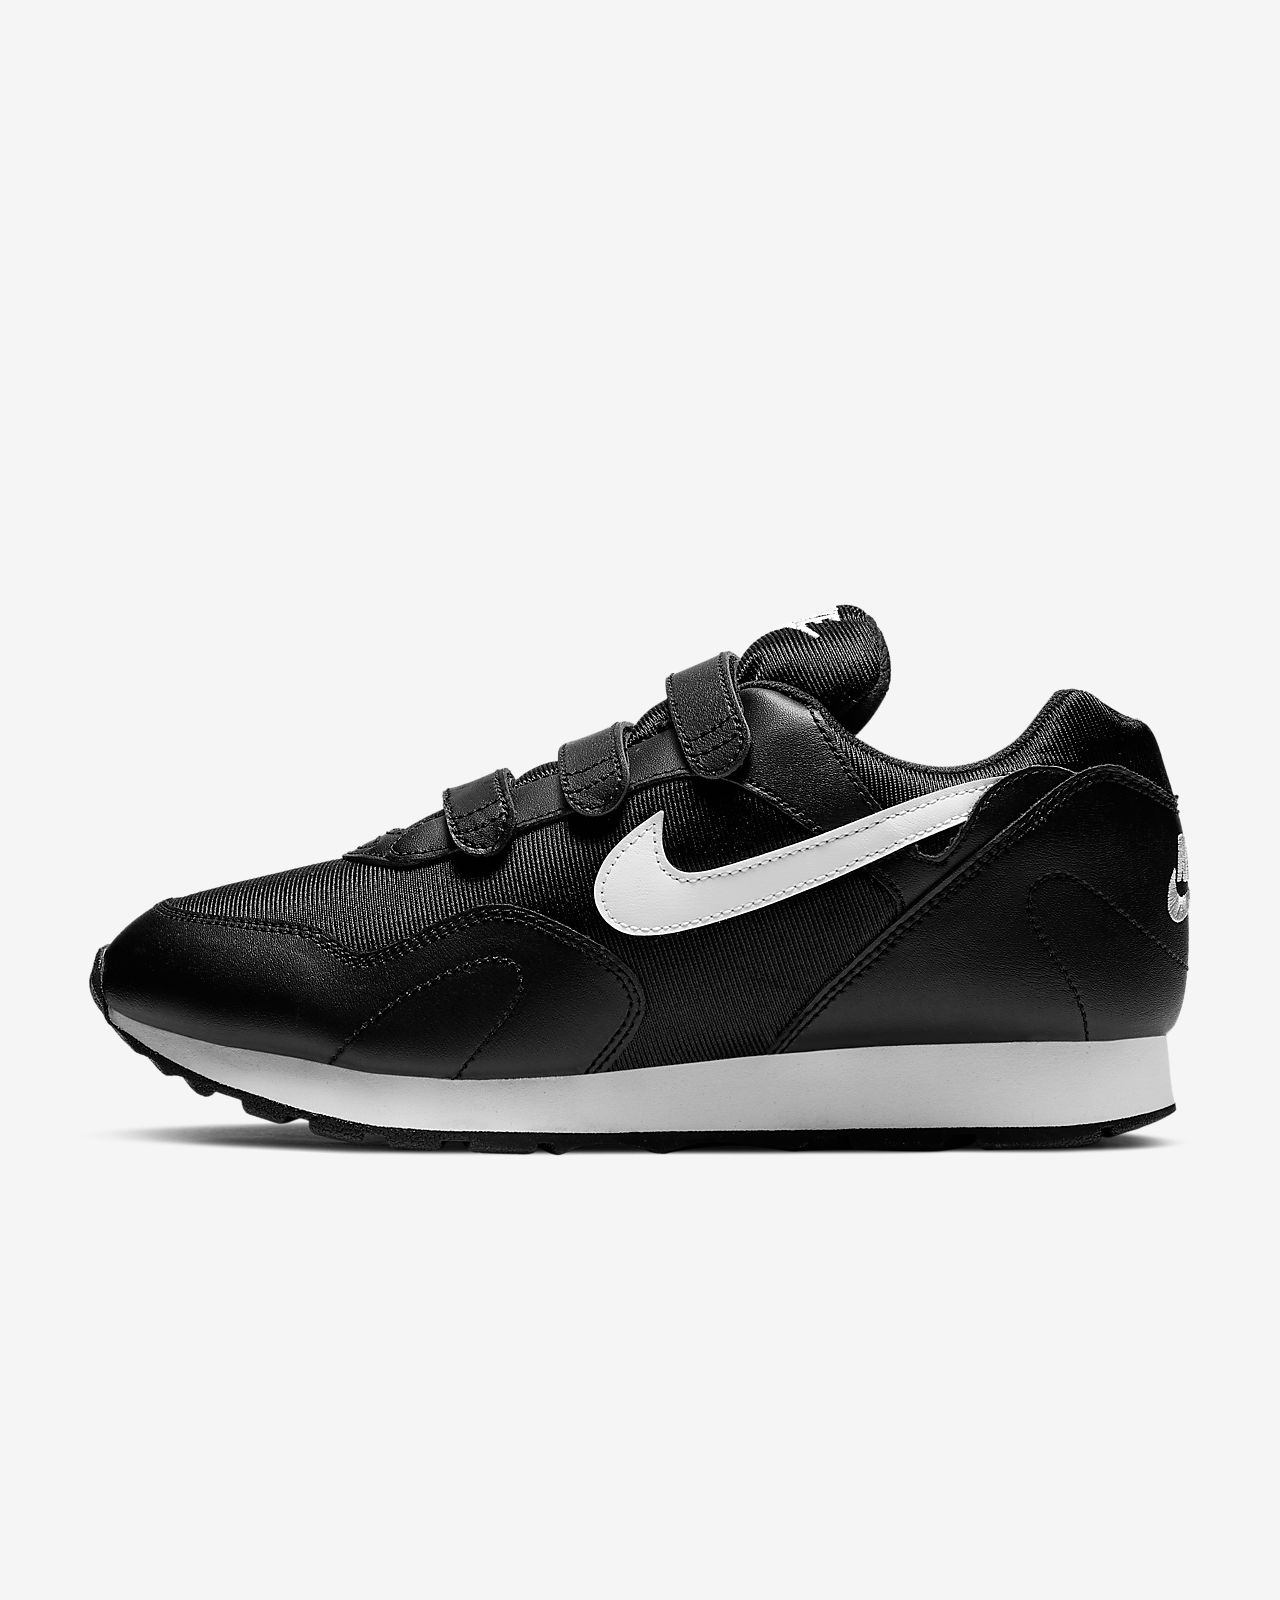 Nike Outburst V Women's Shoe